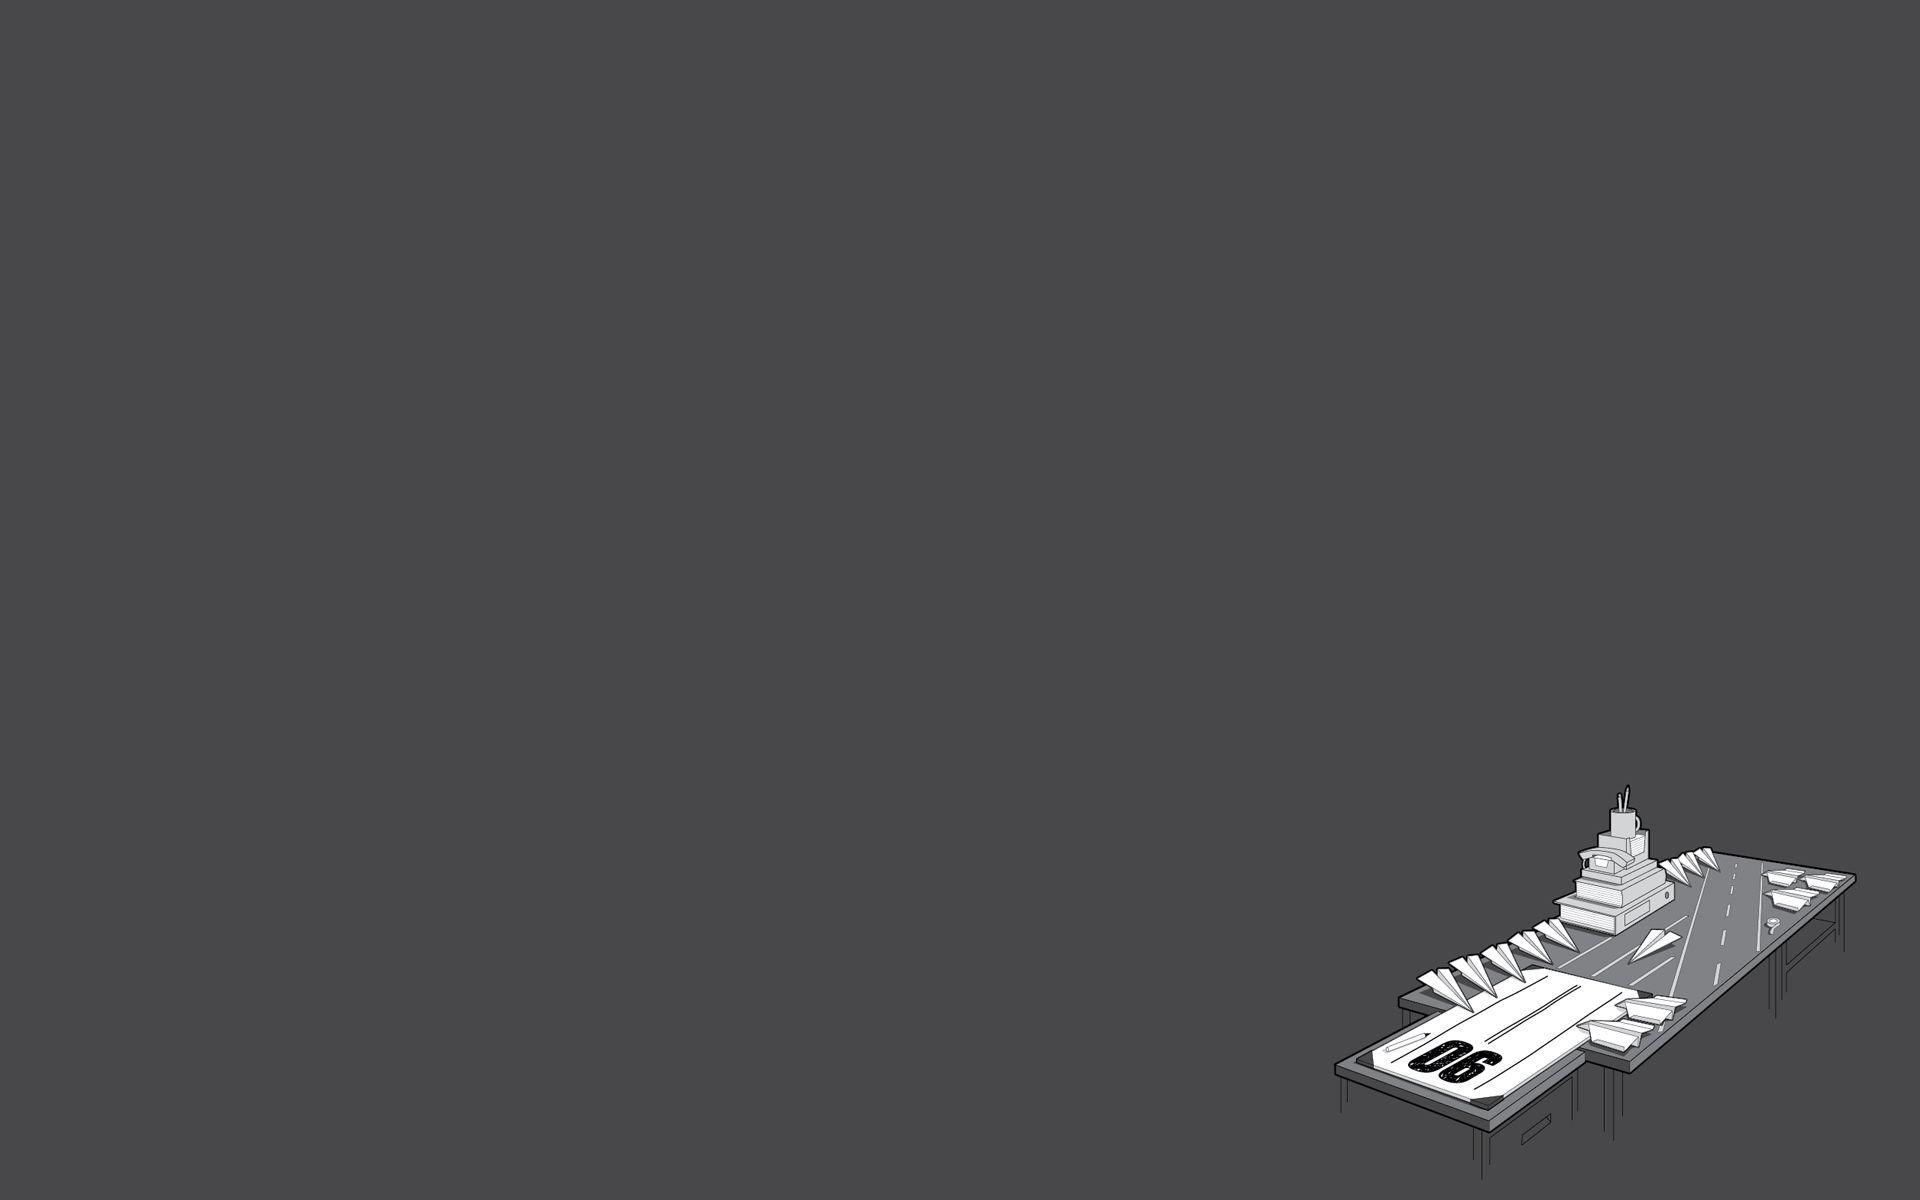 135413 Hintergrundbild herunterladen Flugzeuge, Vektor, Tisch, Tabelle, Papier, Origami - Bildschirmschoner und Bilder kostenlos